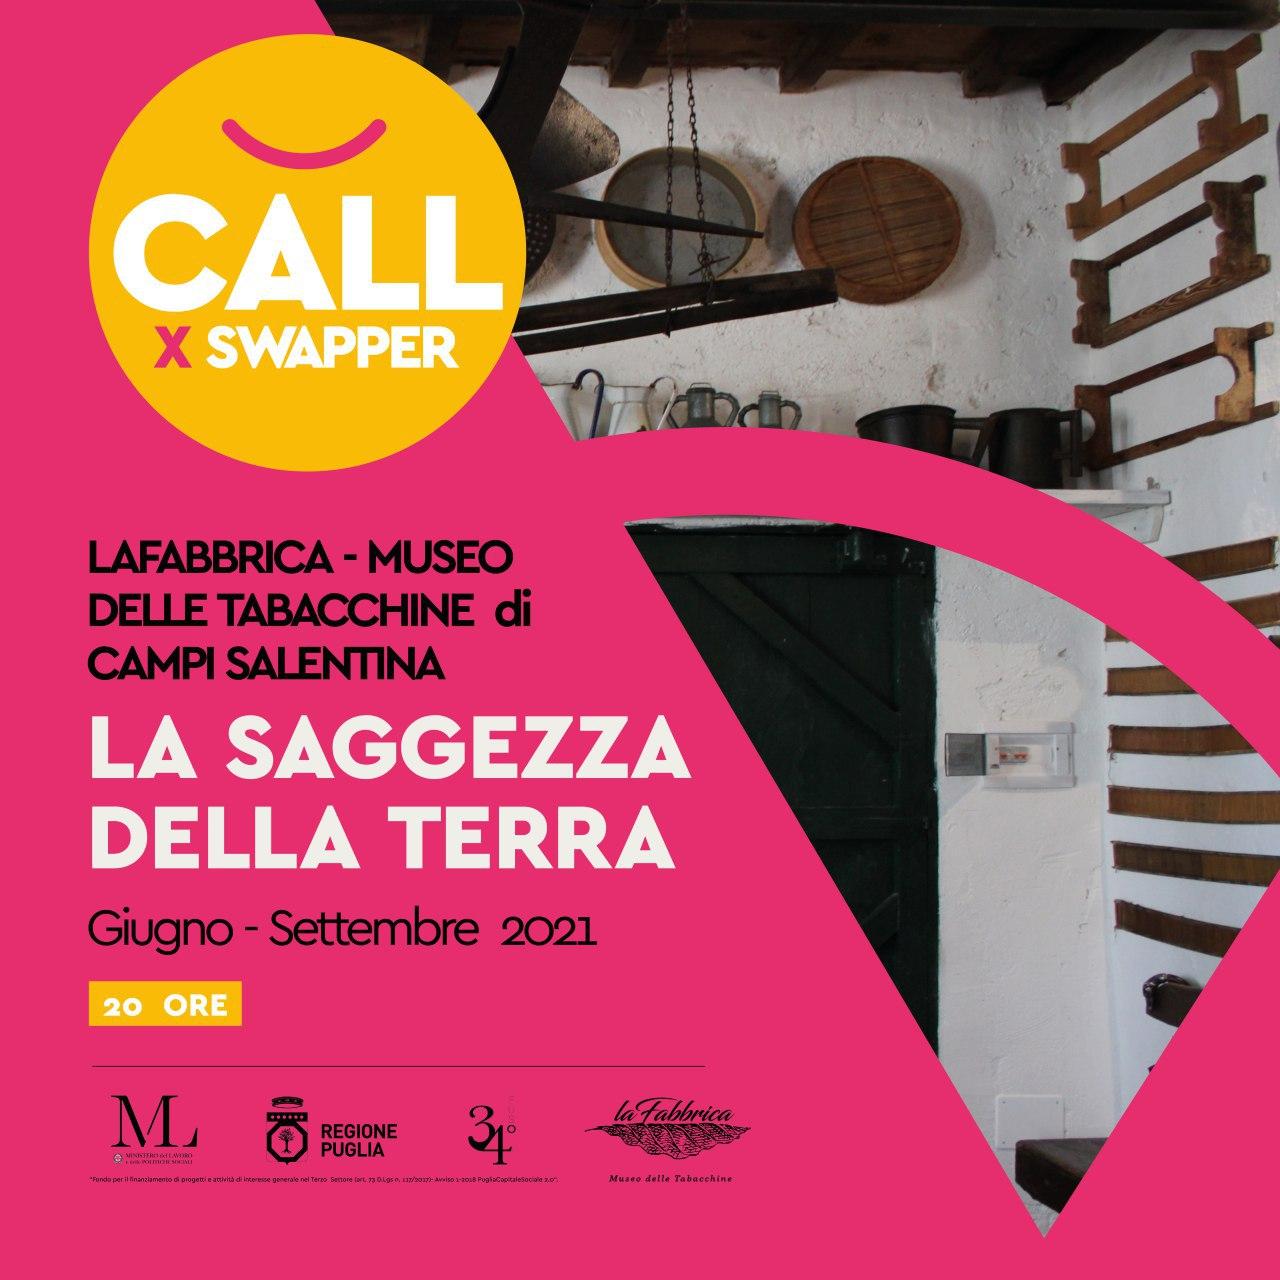 CALL LaFabbrica - Museo delle Tabacchine di Campi Salentina